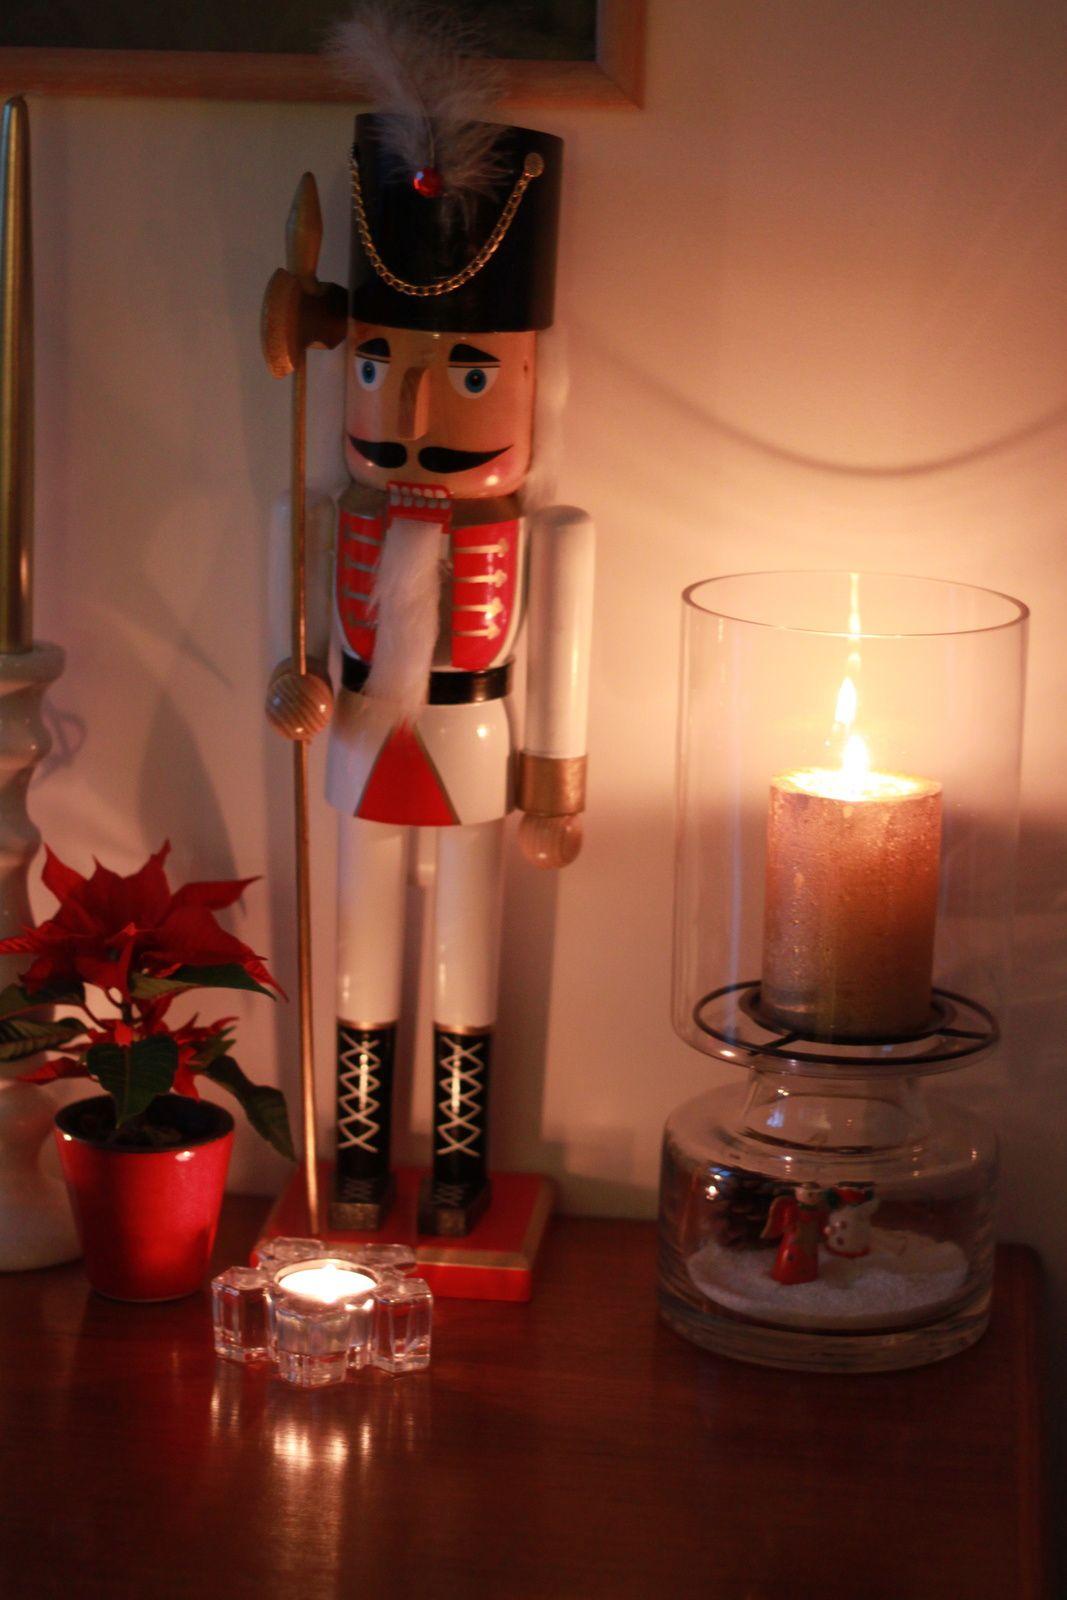 Ambiance bougies...Noël approche!!! ^_^